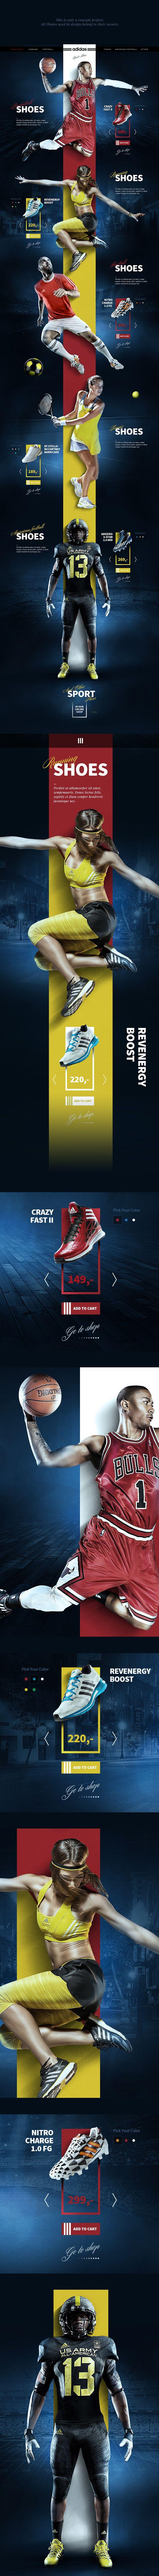 Sport Shoes Concept on Web Design Served